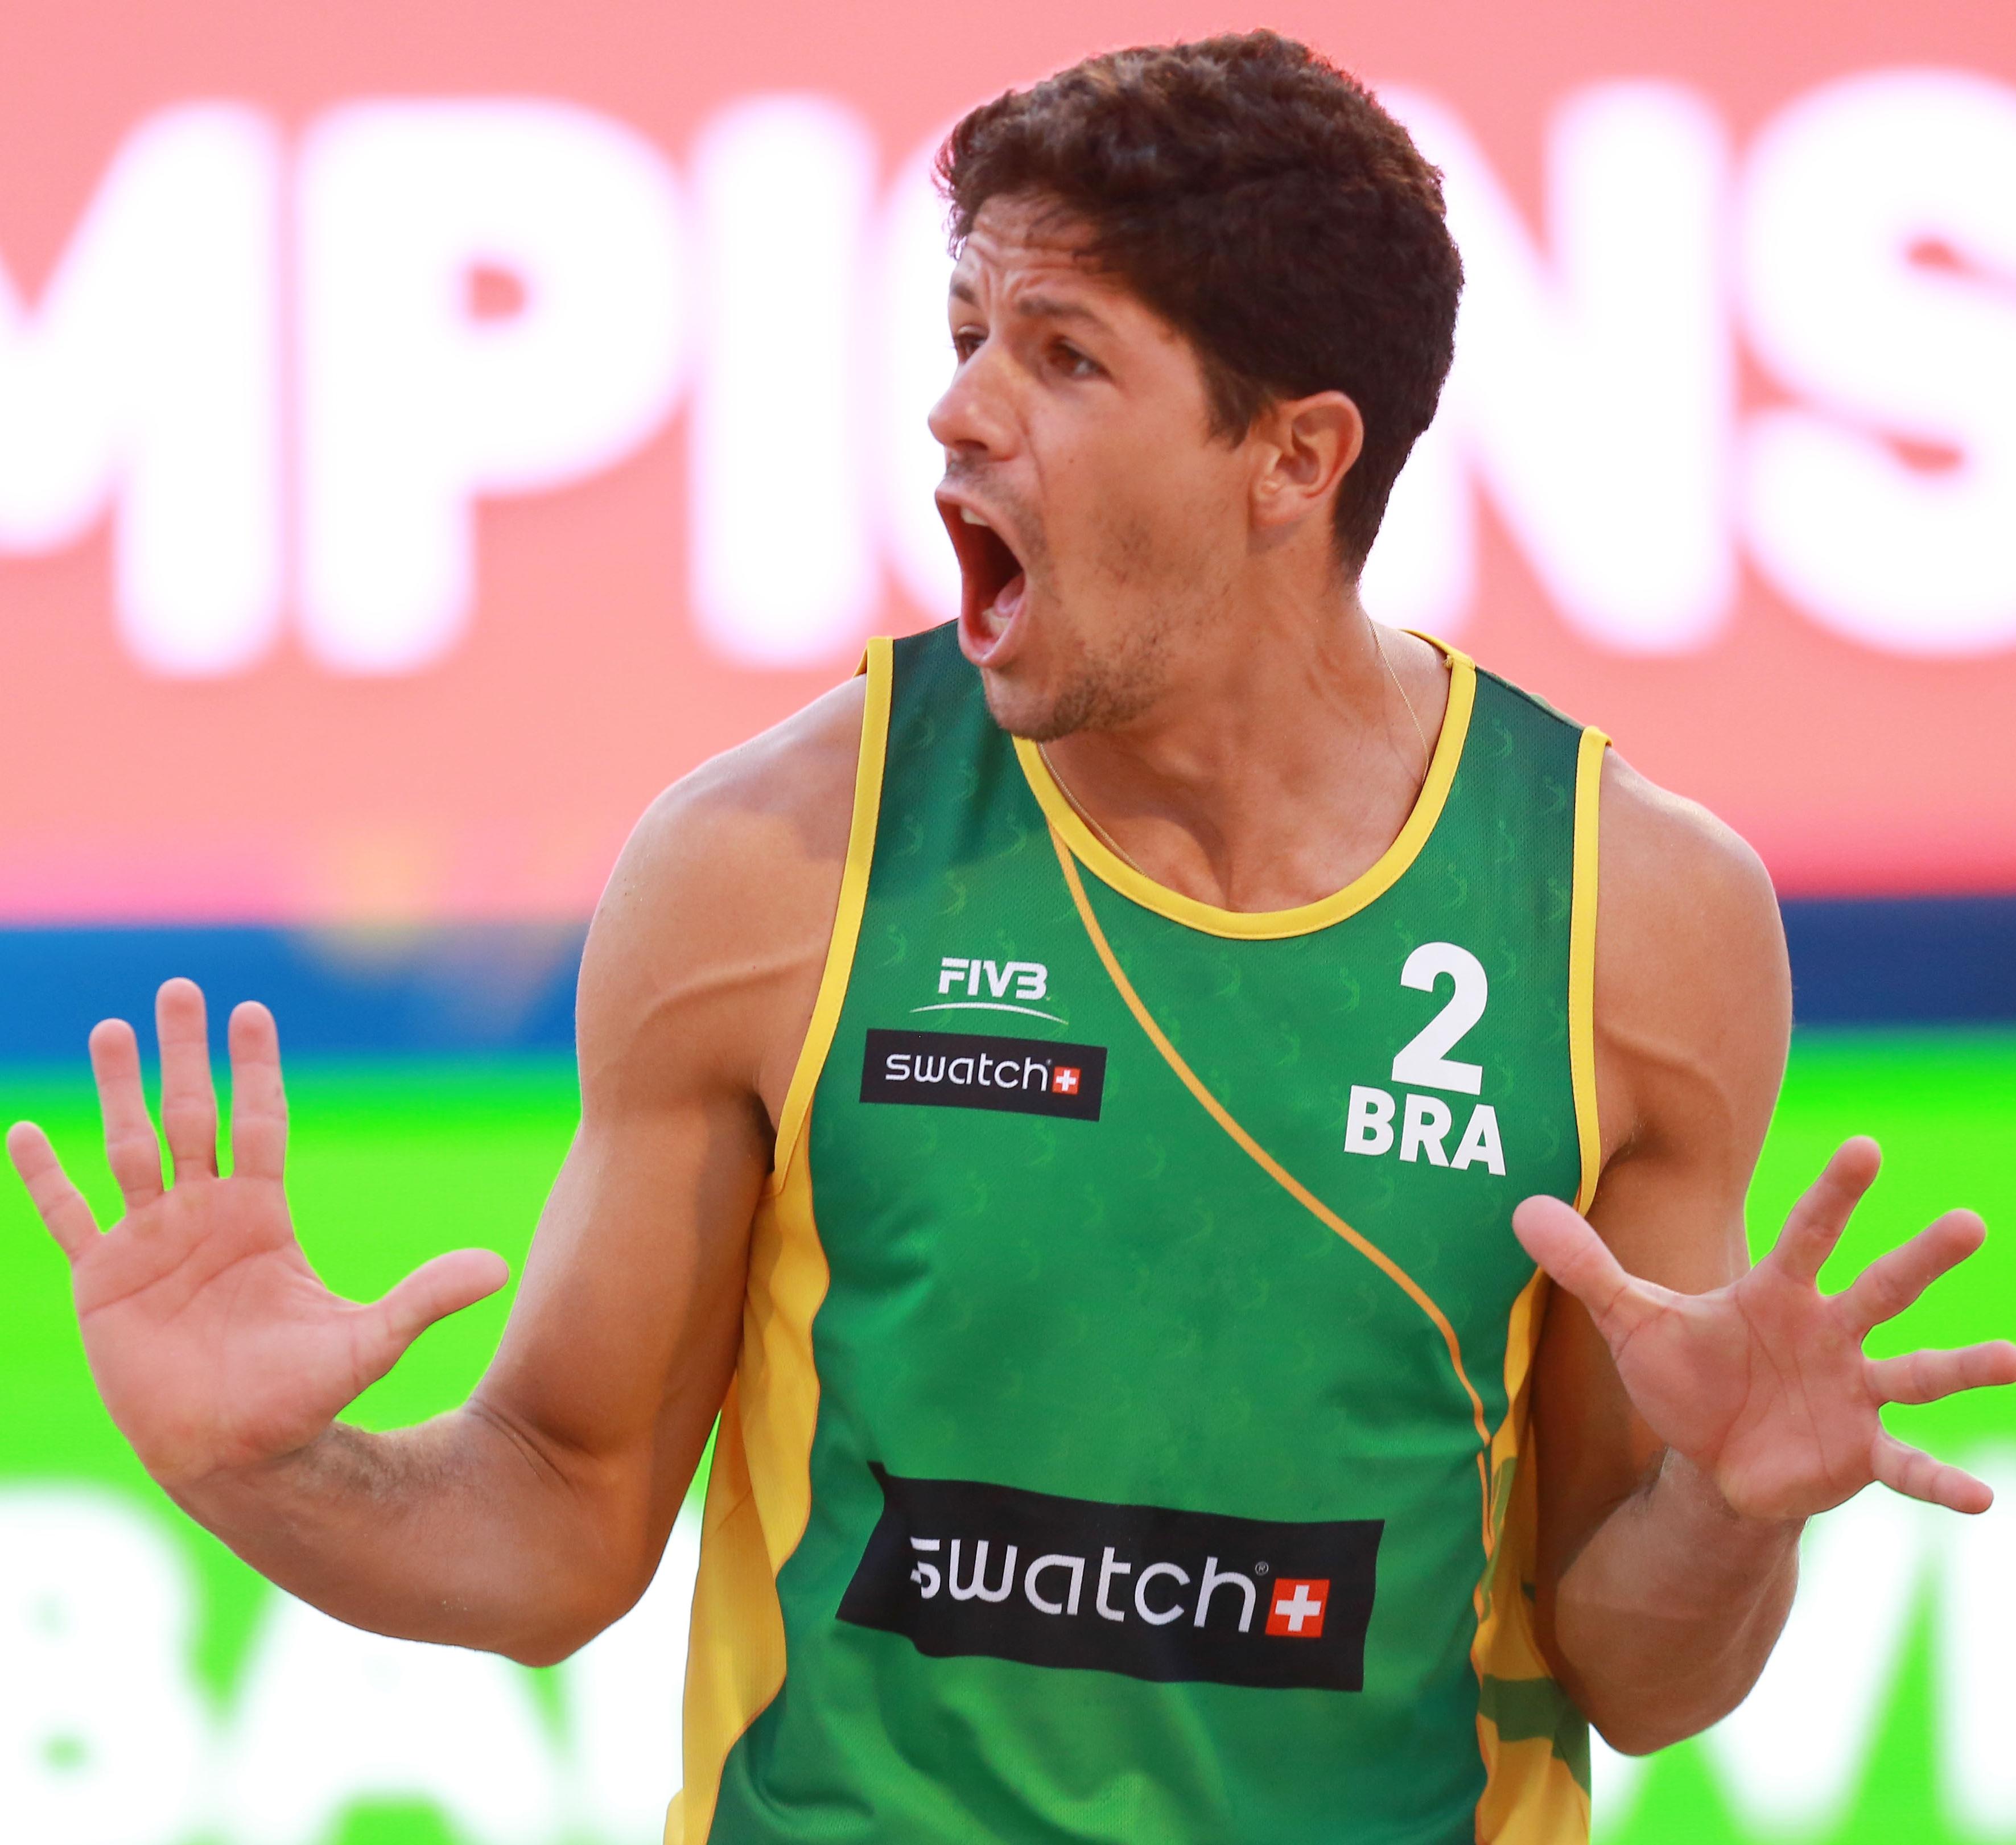 Álvaro Magliano de Morais Filho